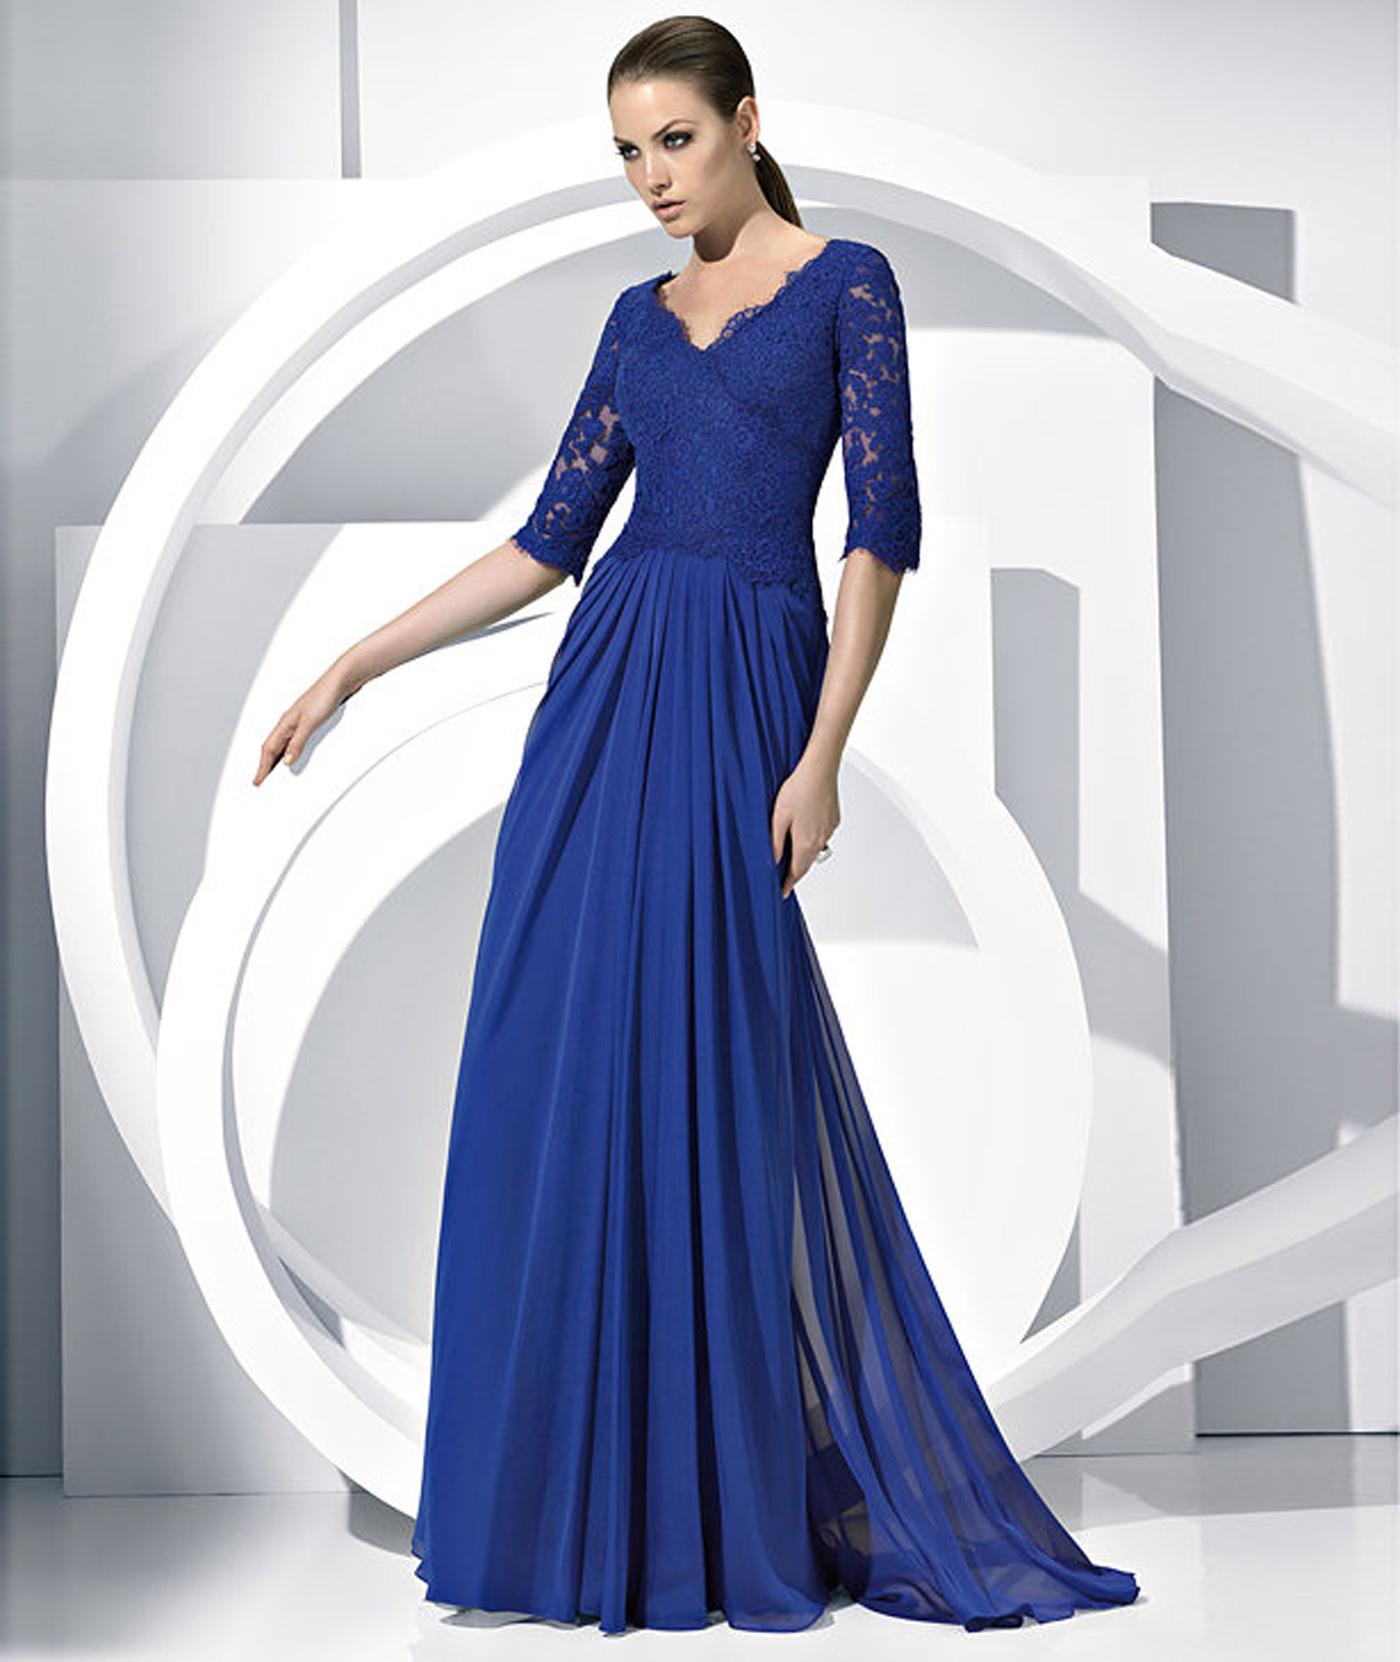 Вечернее платье Mr.zhu 13020118 2013 Mr.zhu